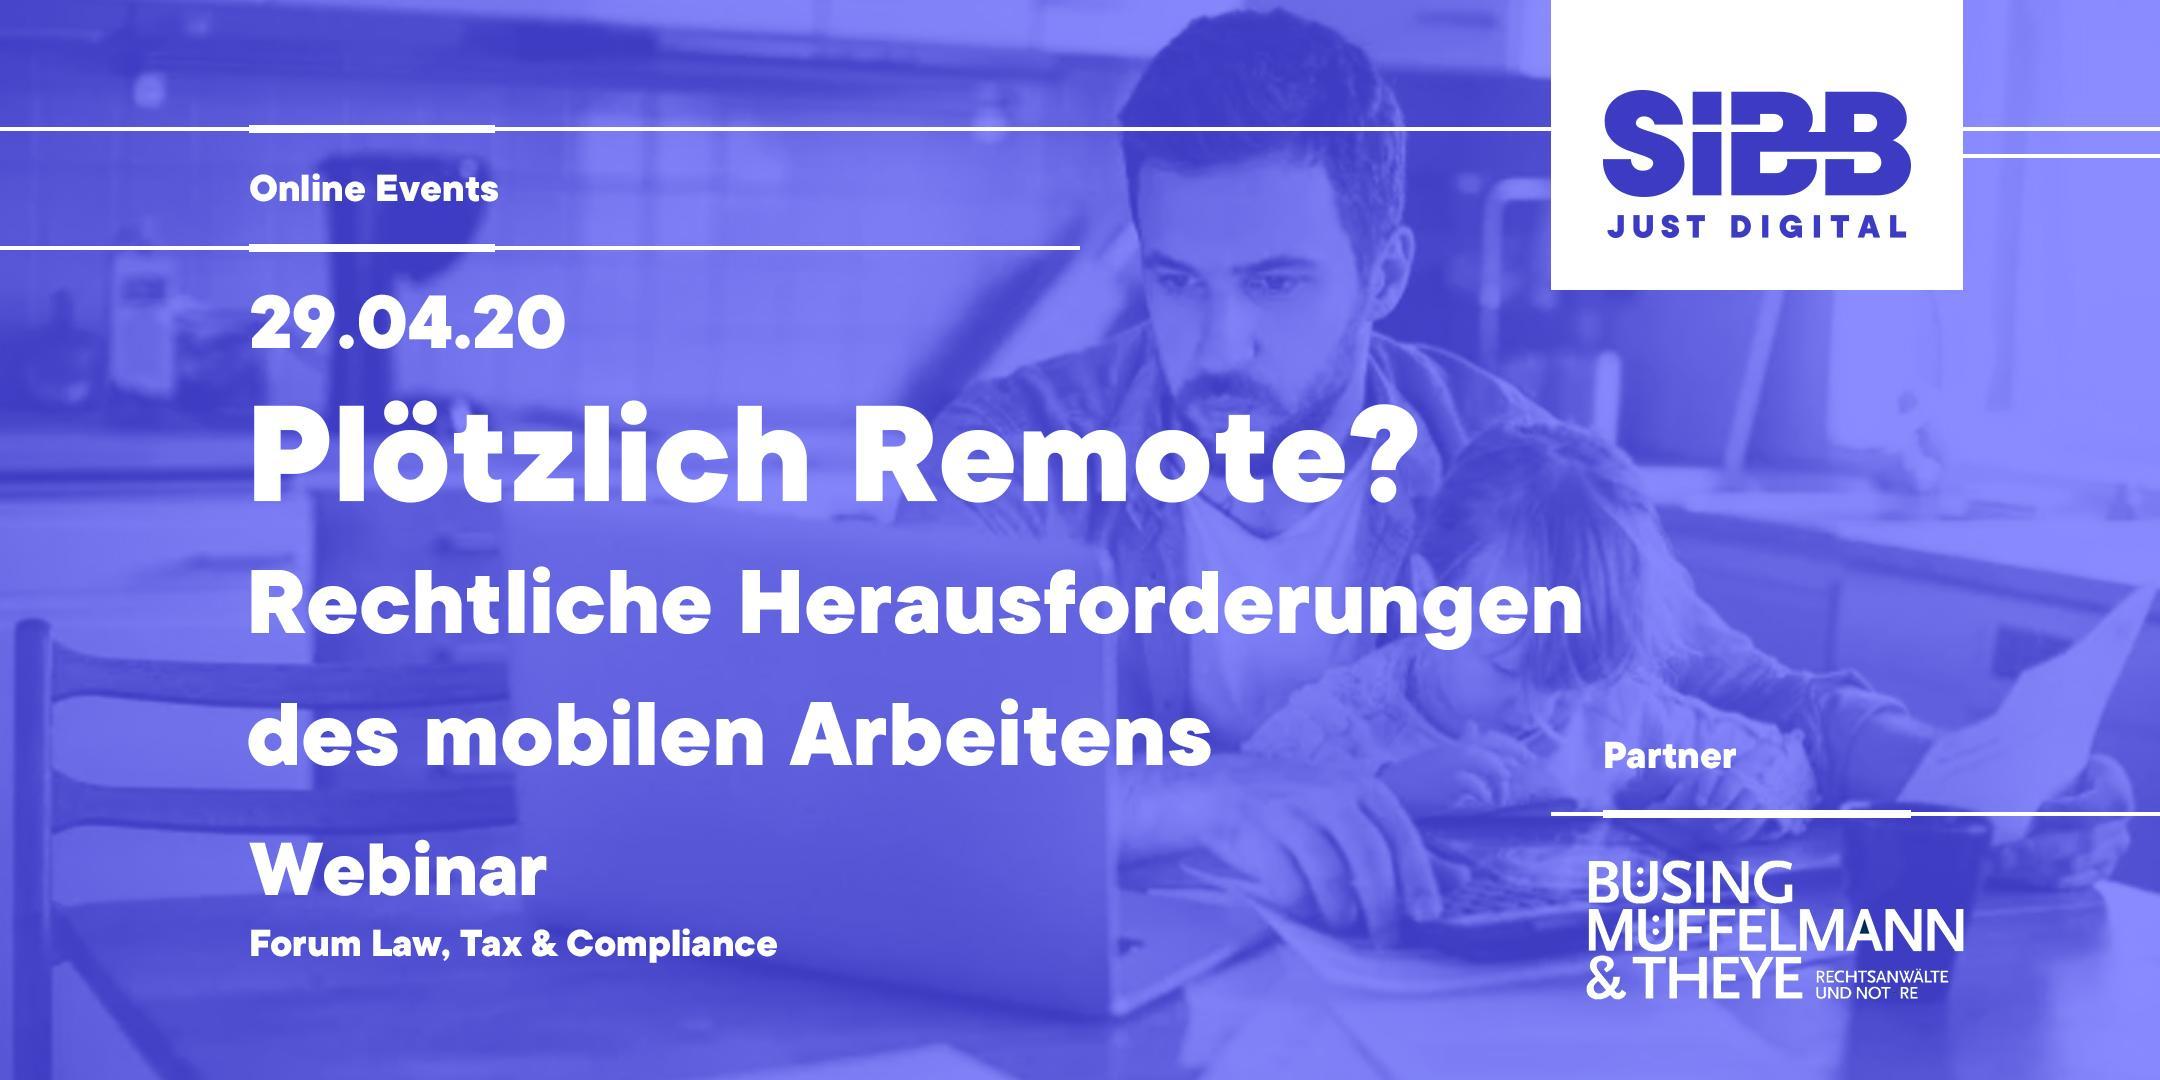 Plötzlich Remote: Rechtliche Herausforderungen des mobilen Arbeitens